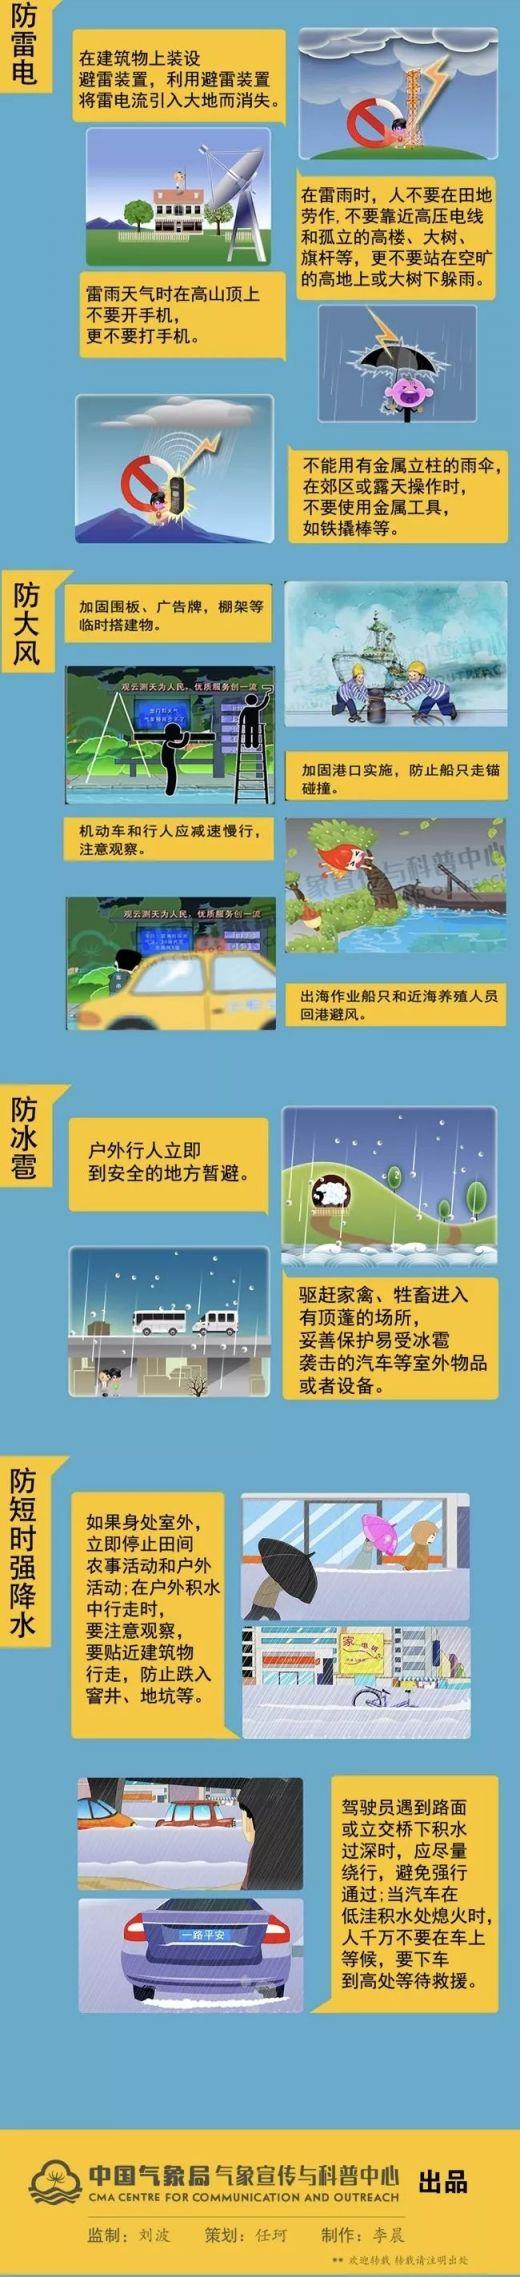 暴雨蓝色预警 四川7市有暴雨